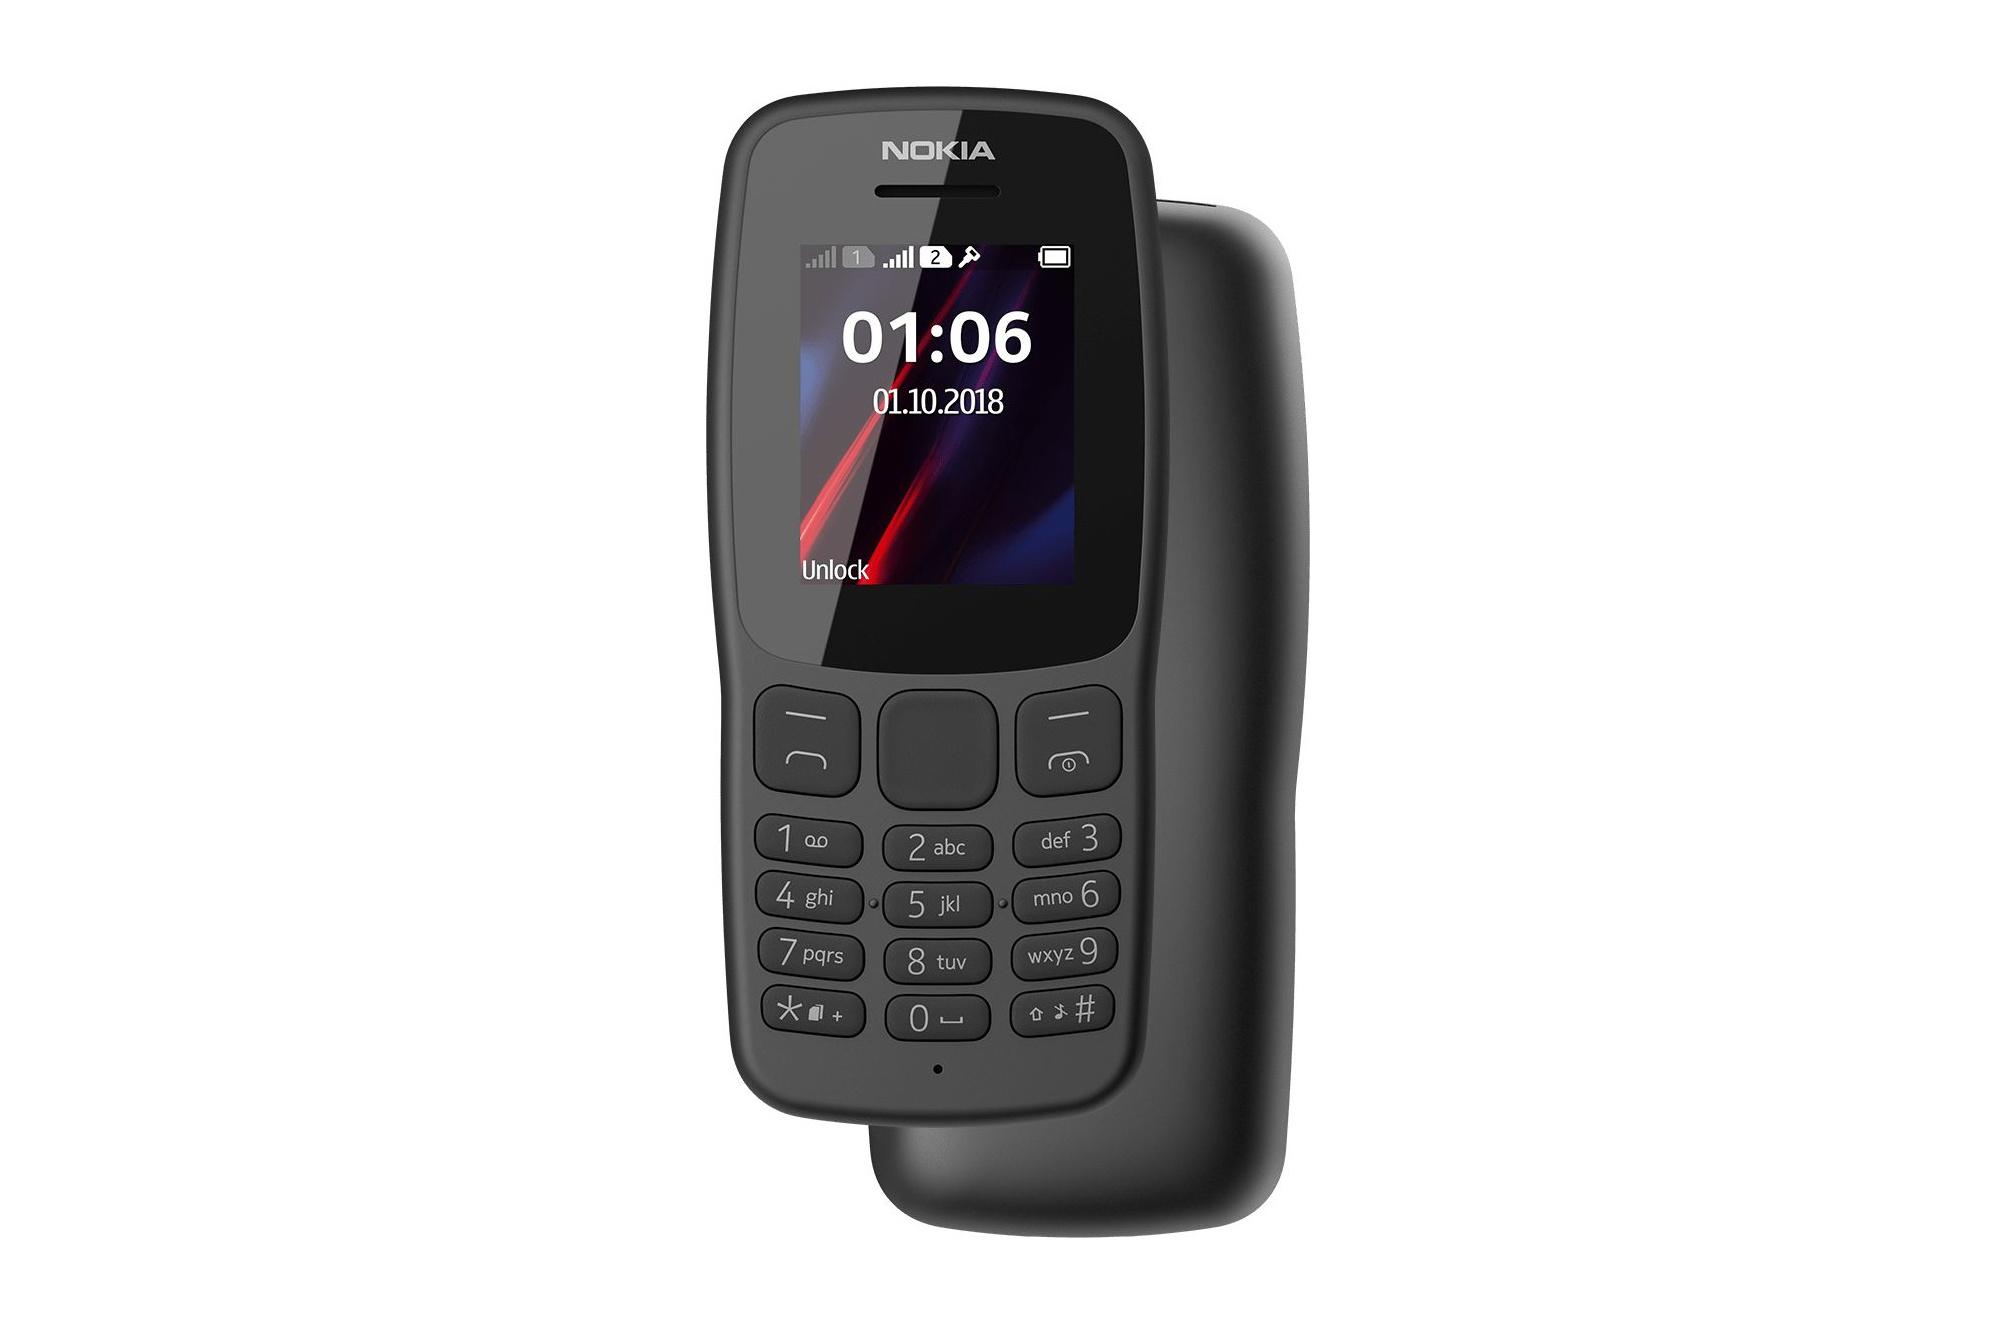 HMD Global представила кнопочный телефон Nokia 106 с 1,8-дюймовым экраном 4 МБ ОЗУ предустановленной Змейкой и ценником $20